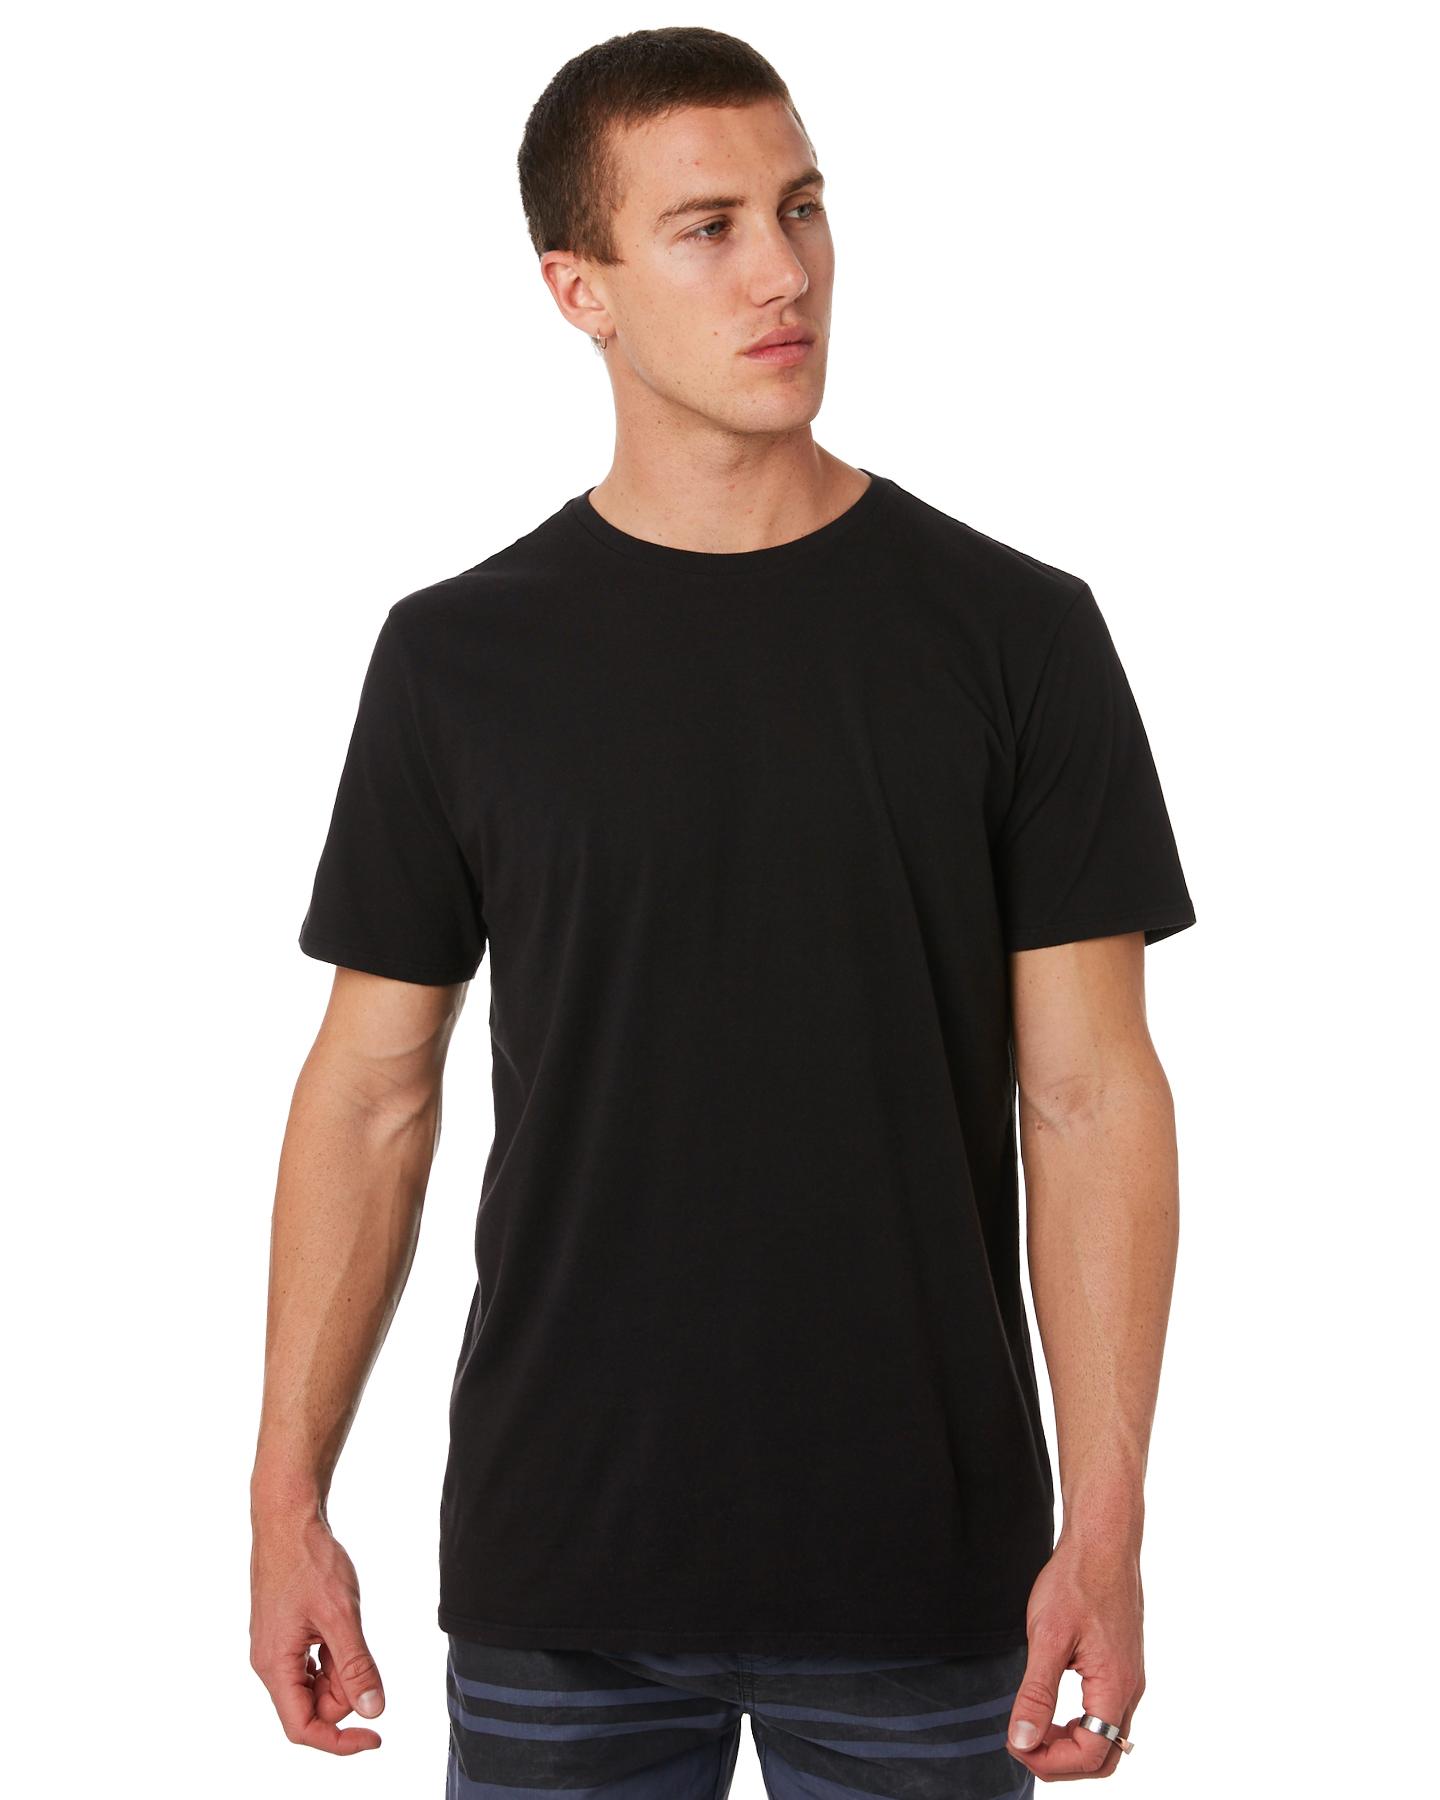 New-Swell-Men-039-s-Basic-Mens-Tee-Cotton-White